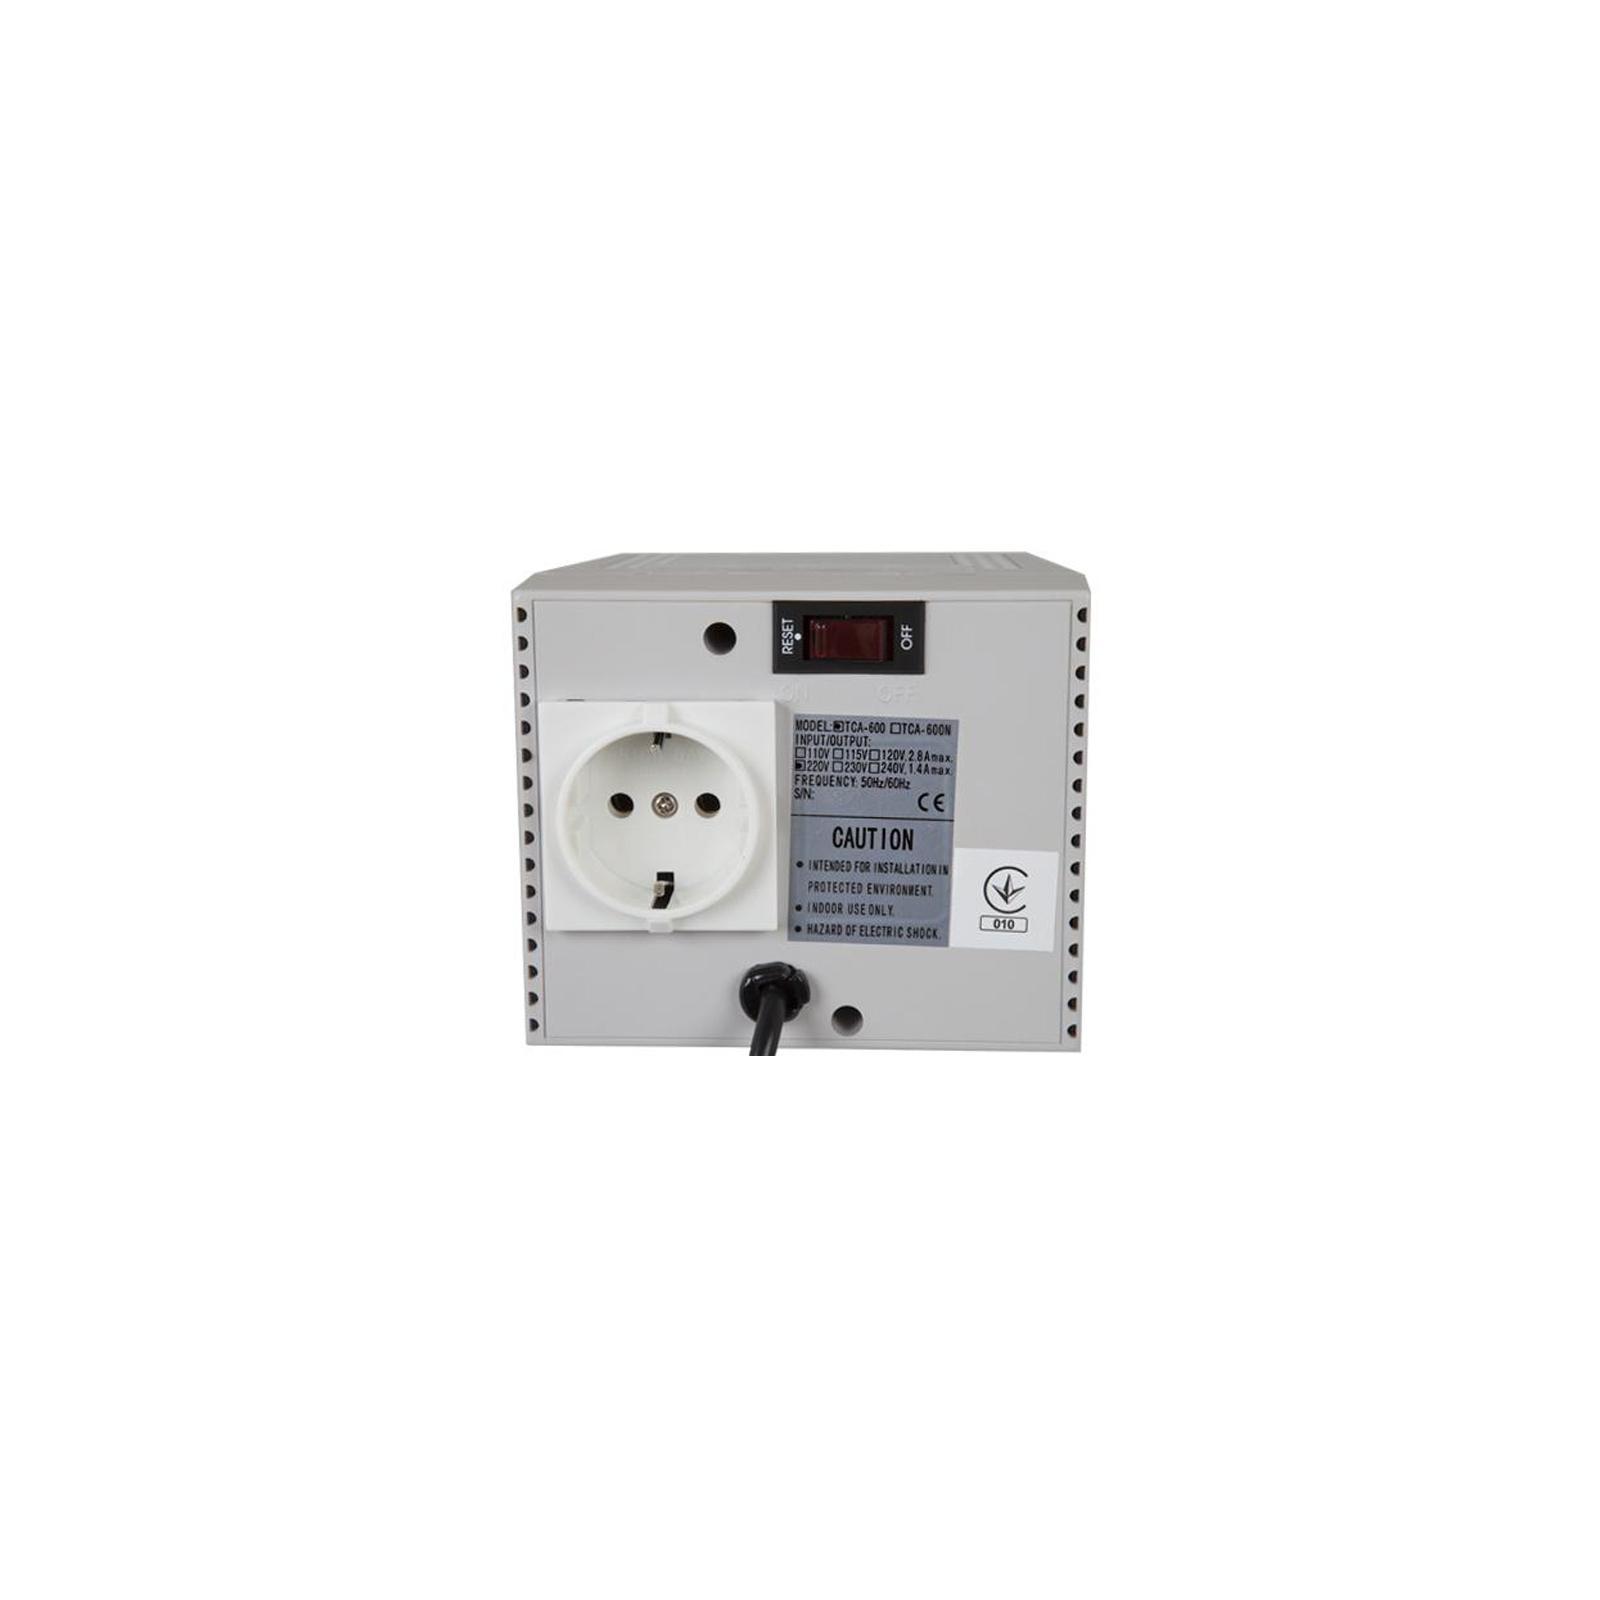 Стабилизатор TCA-600 Powercom изображение 2